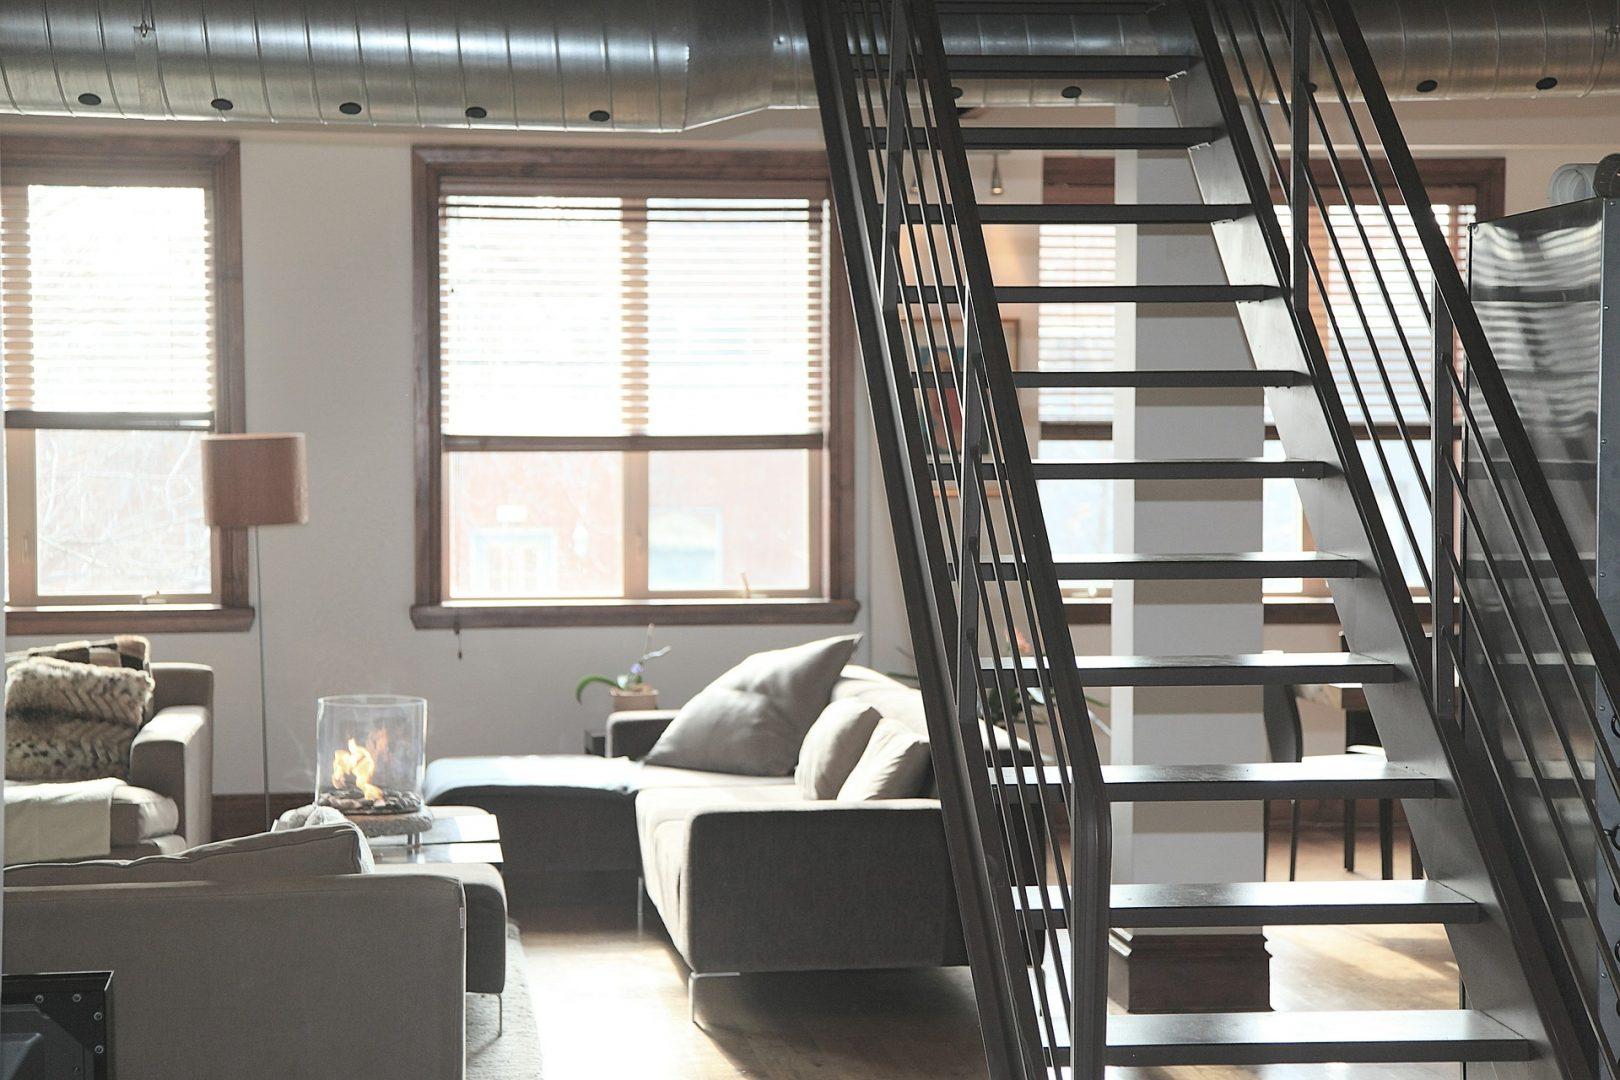 Escalier Metallique En Fer Forge Sur Salon De Provence